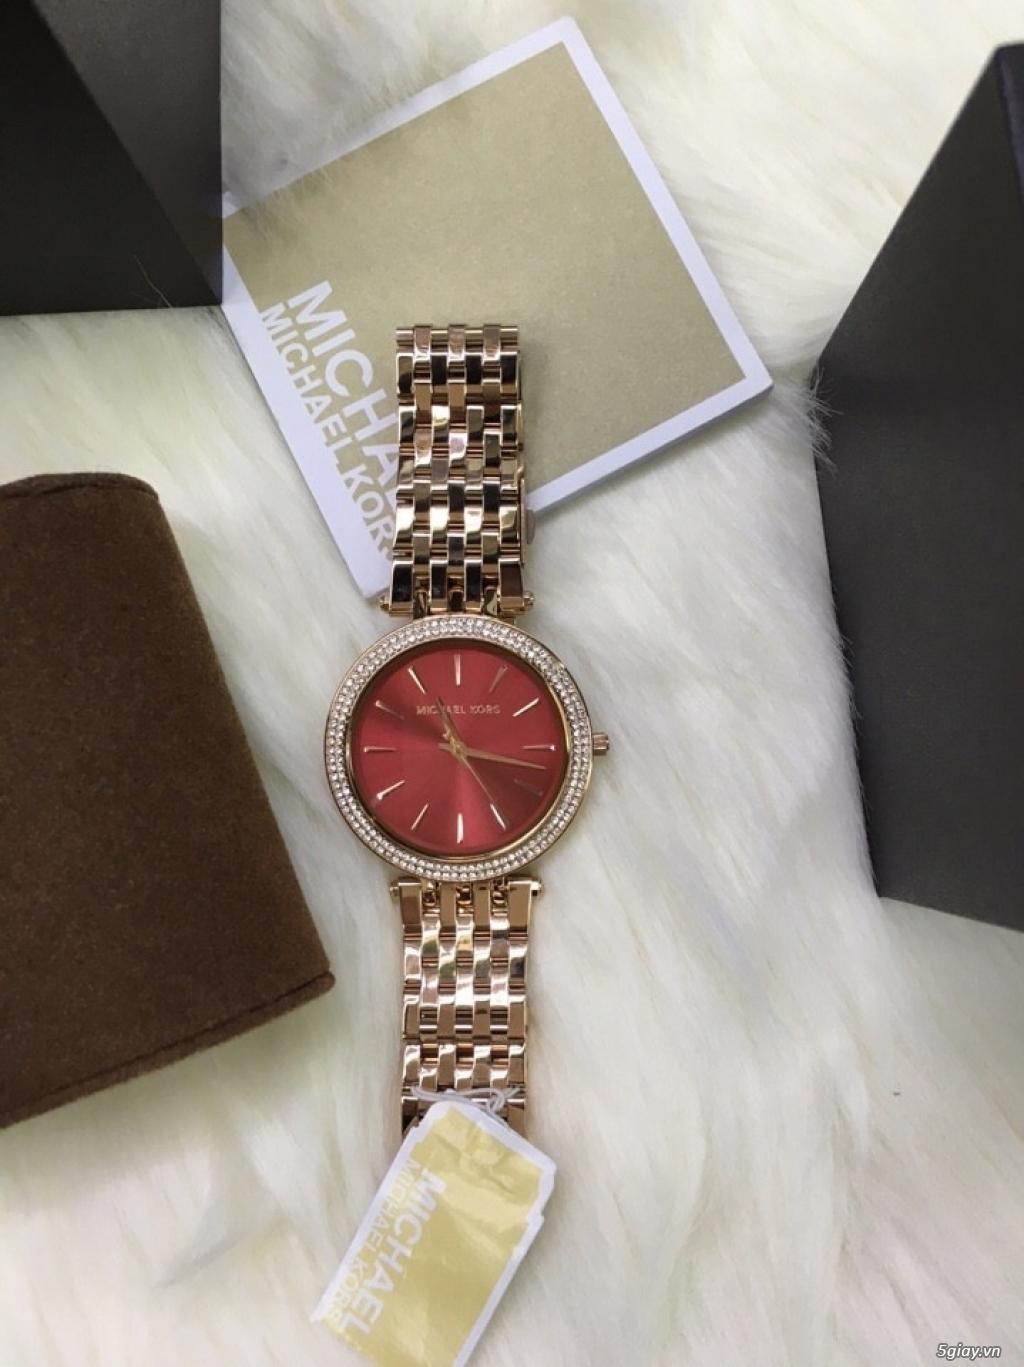 Đồng hồ chính hãng Michael Kors giá rẻ - 39